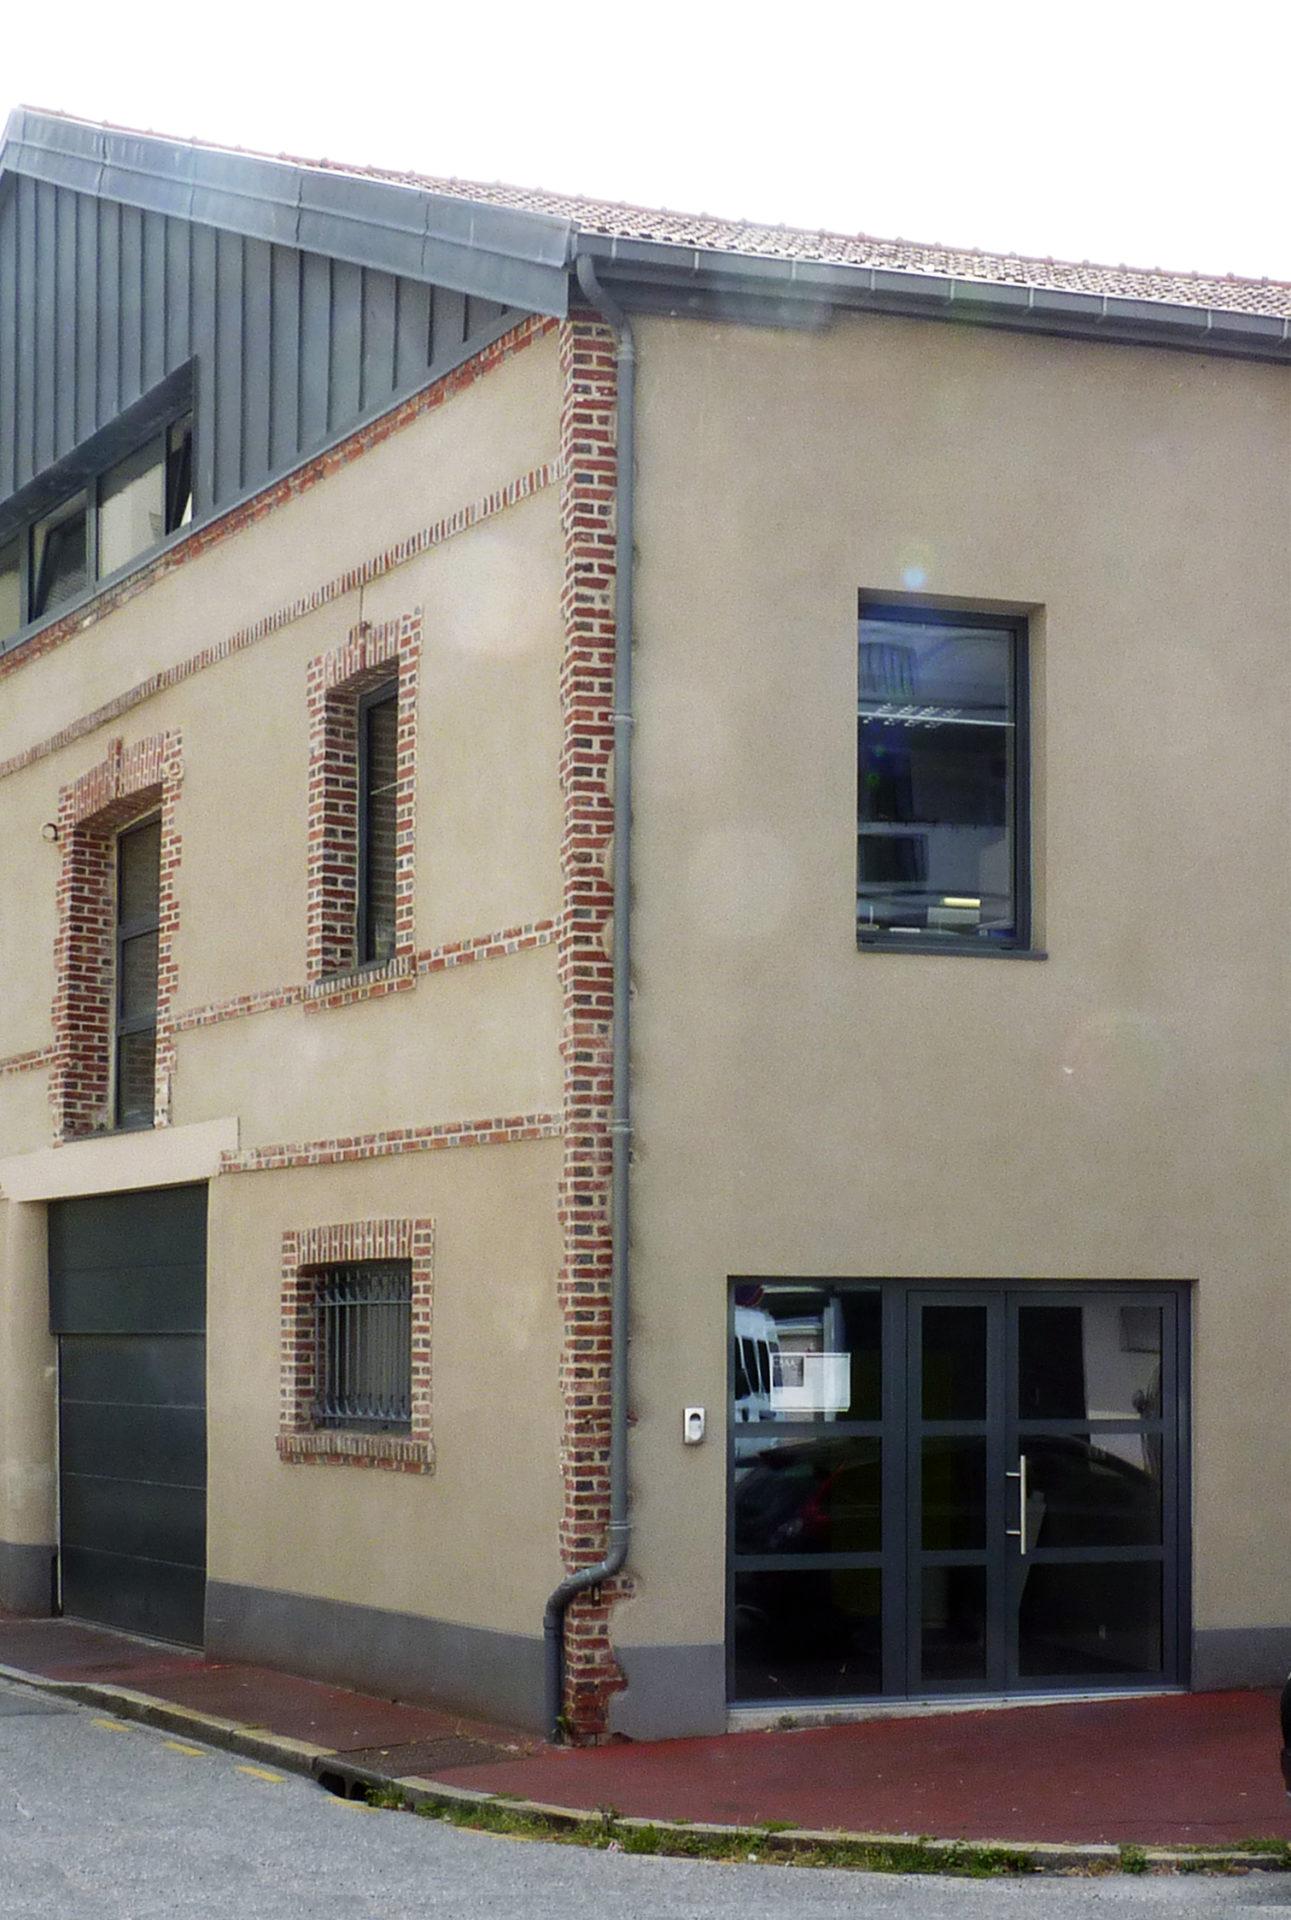 Cabinet BOISROUX / PEETERS - Architectes Associés, Cherbourg-En-Cotentin - L'agence